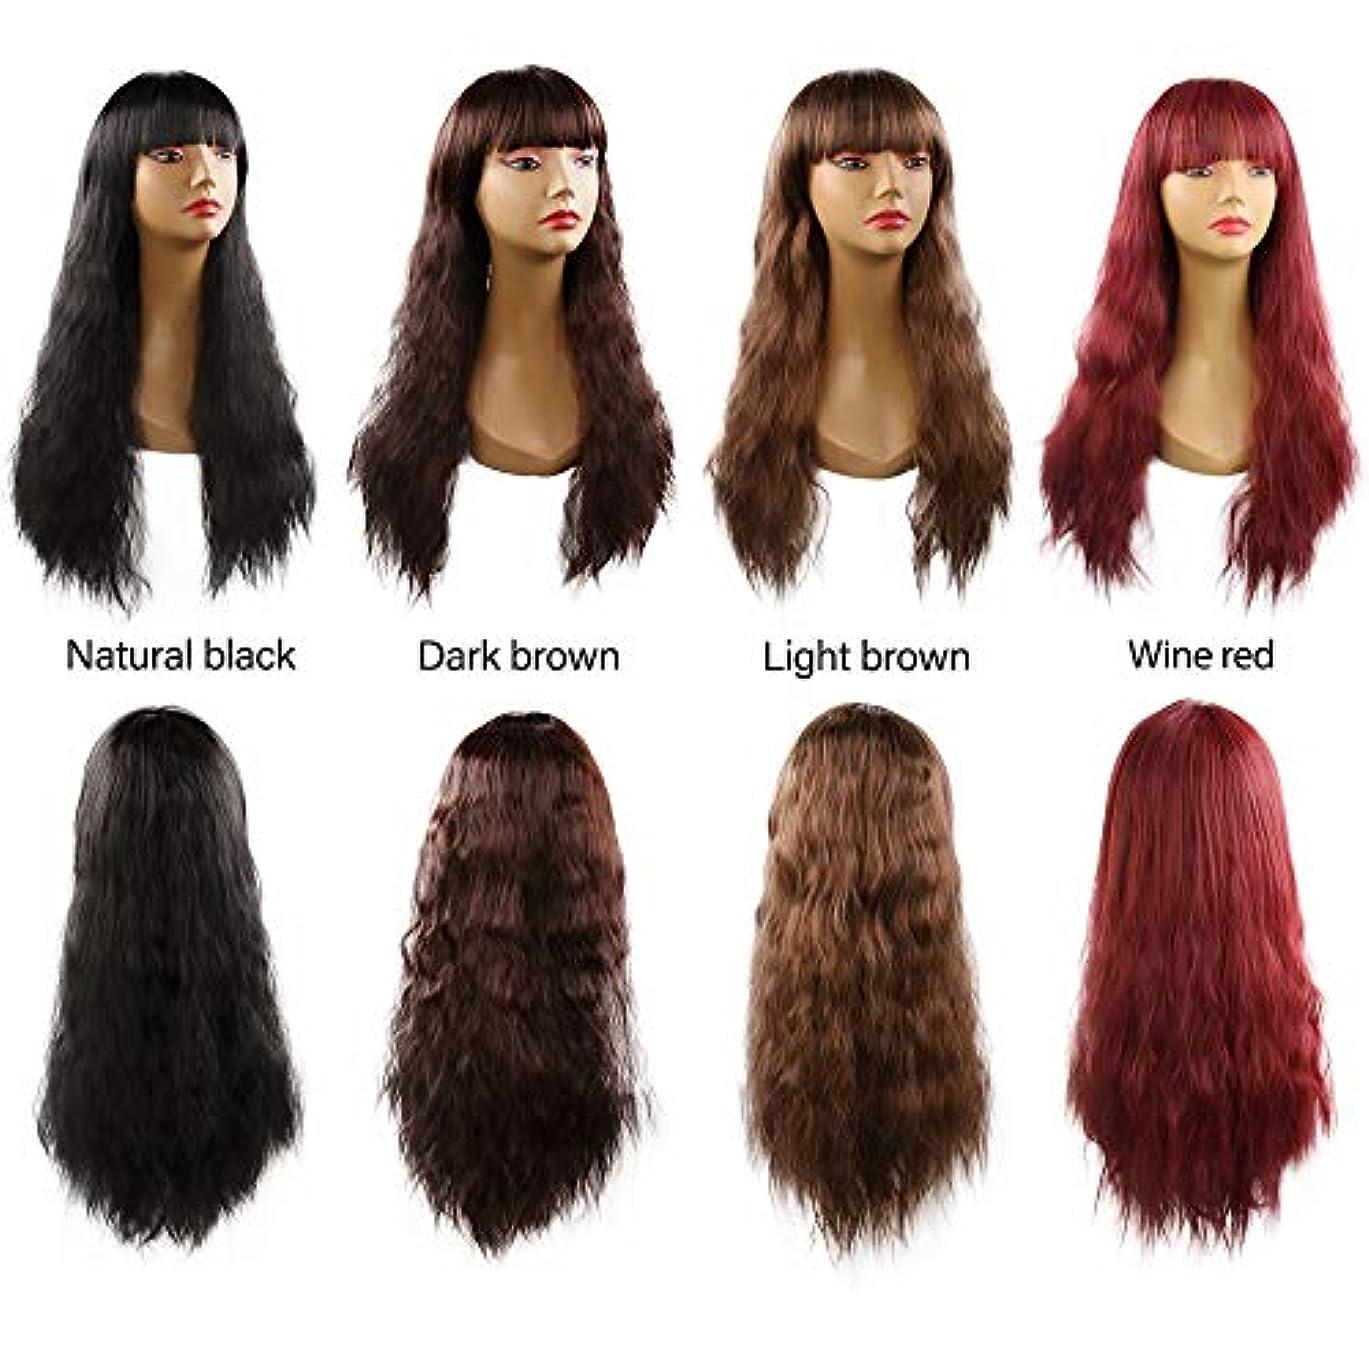 ブラザー仮定する申し立てる女性の長い巻き毛の波状髪かつら前髪26インチ人工毛交換かつらハロウィンコスプレ衣装アニメパーティーかつら(ウィッグキャップ) (Color : Burgundy)